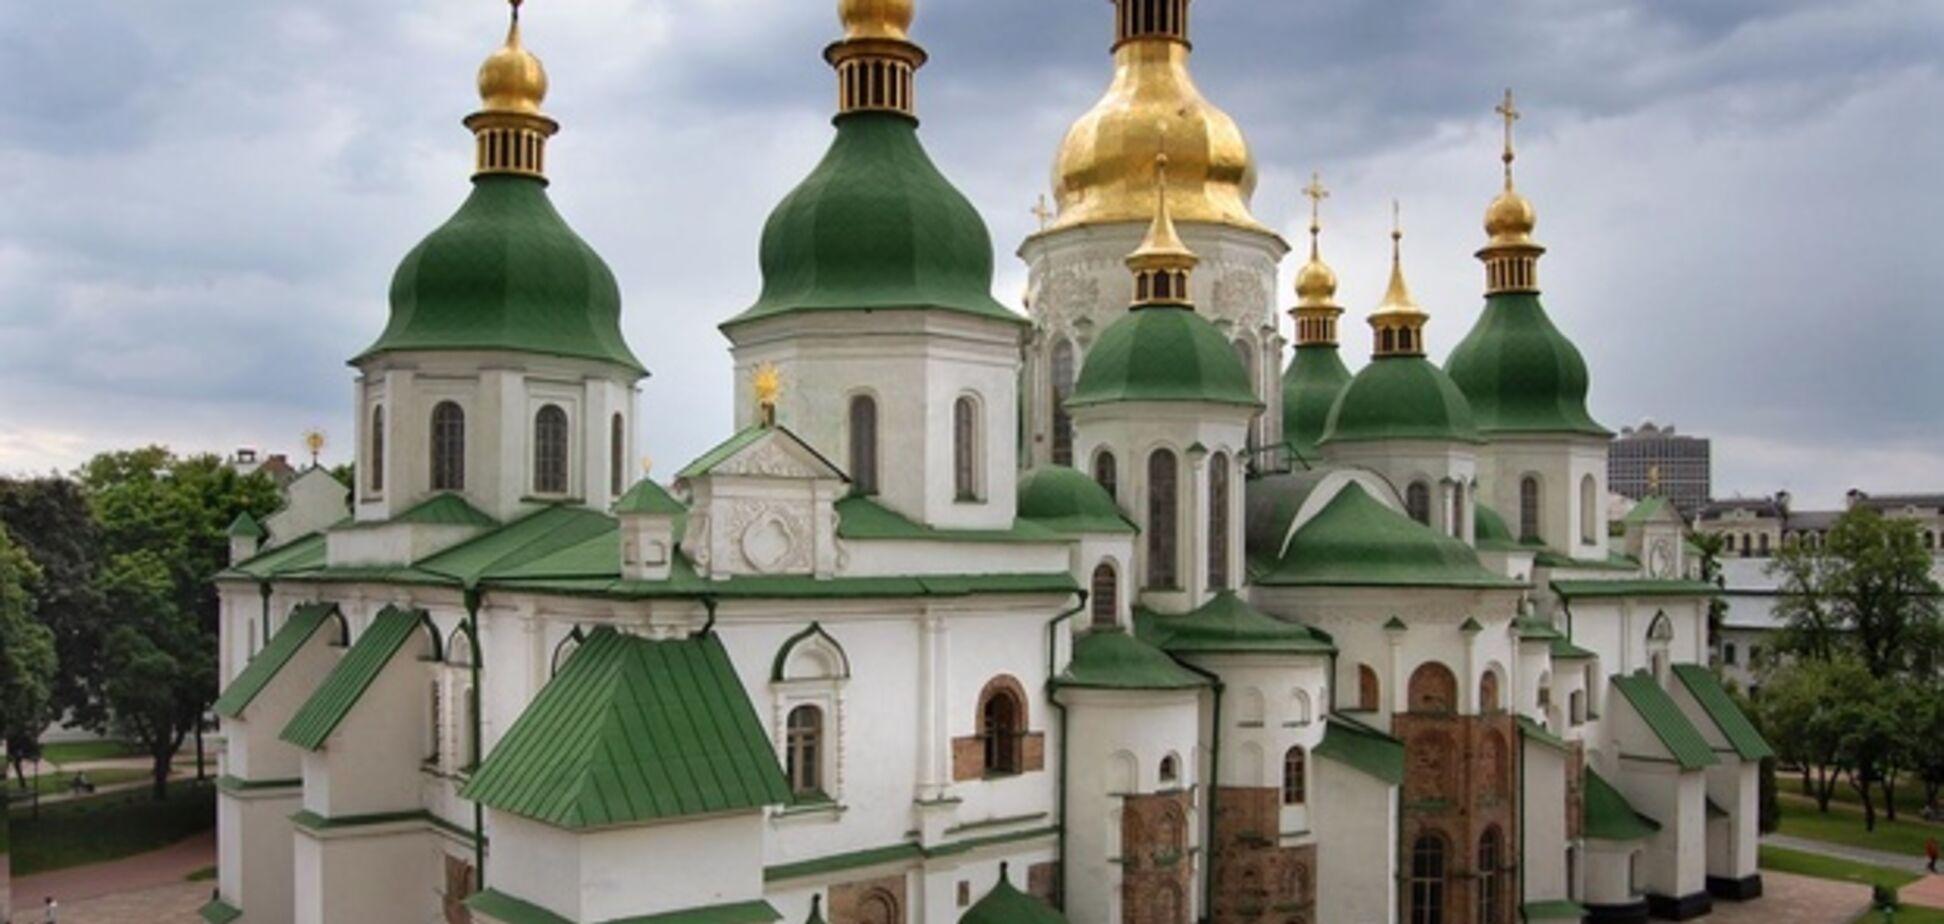 Єдина церква в Україні